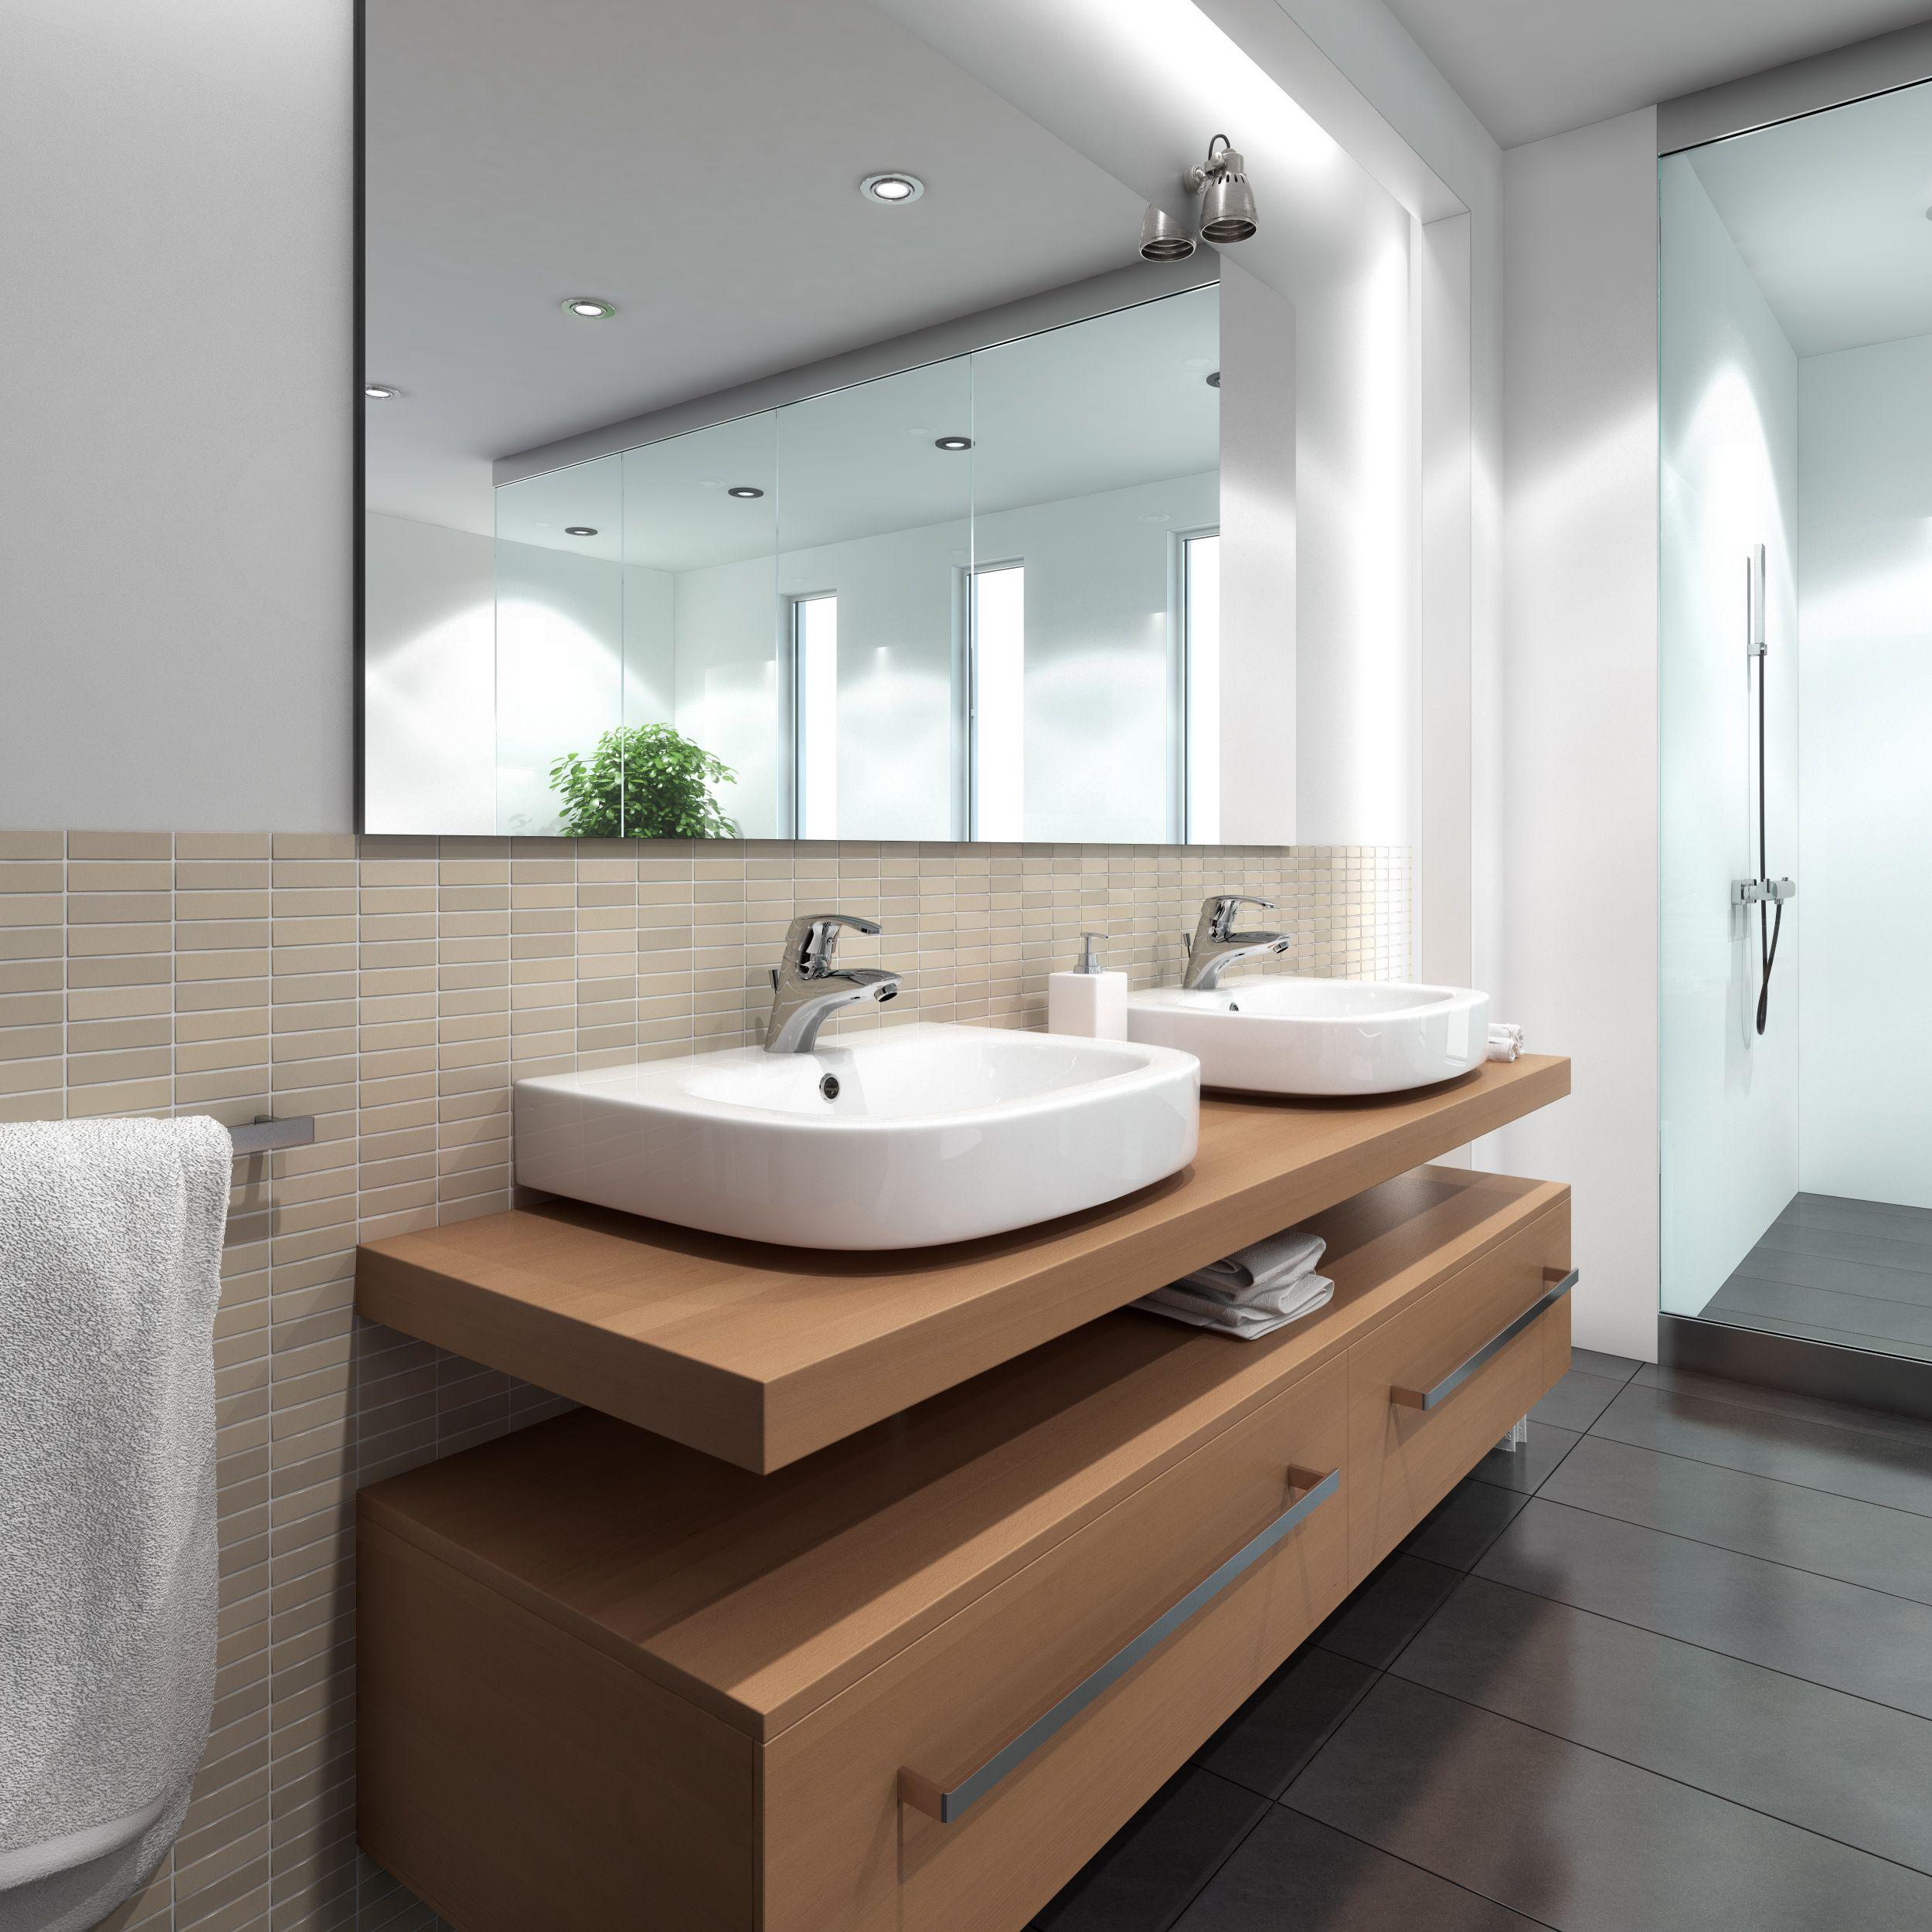 helle r ume gro e spiegelfronten clevere lichtquellen moderne waschbecken und klare linien. Black Bedroom Furniture Sets. Home Design Ideas